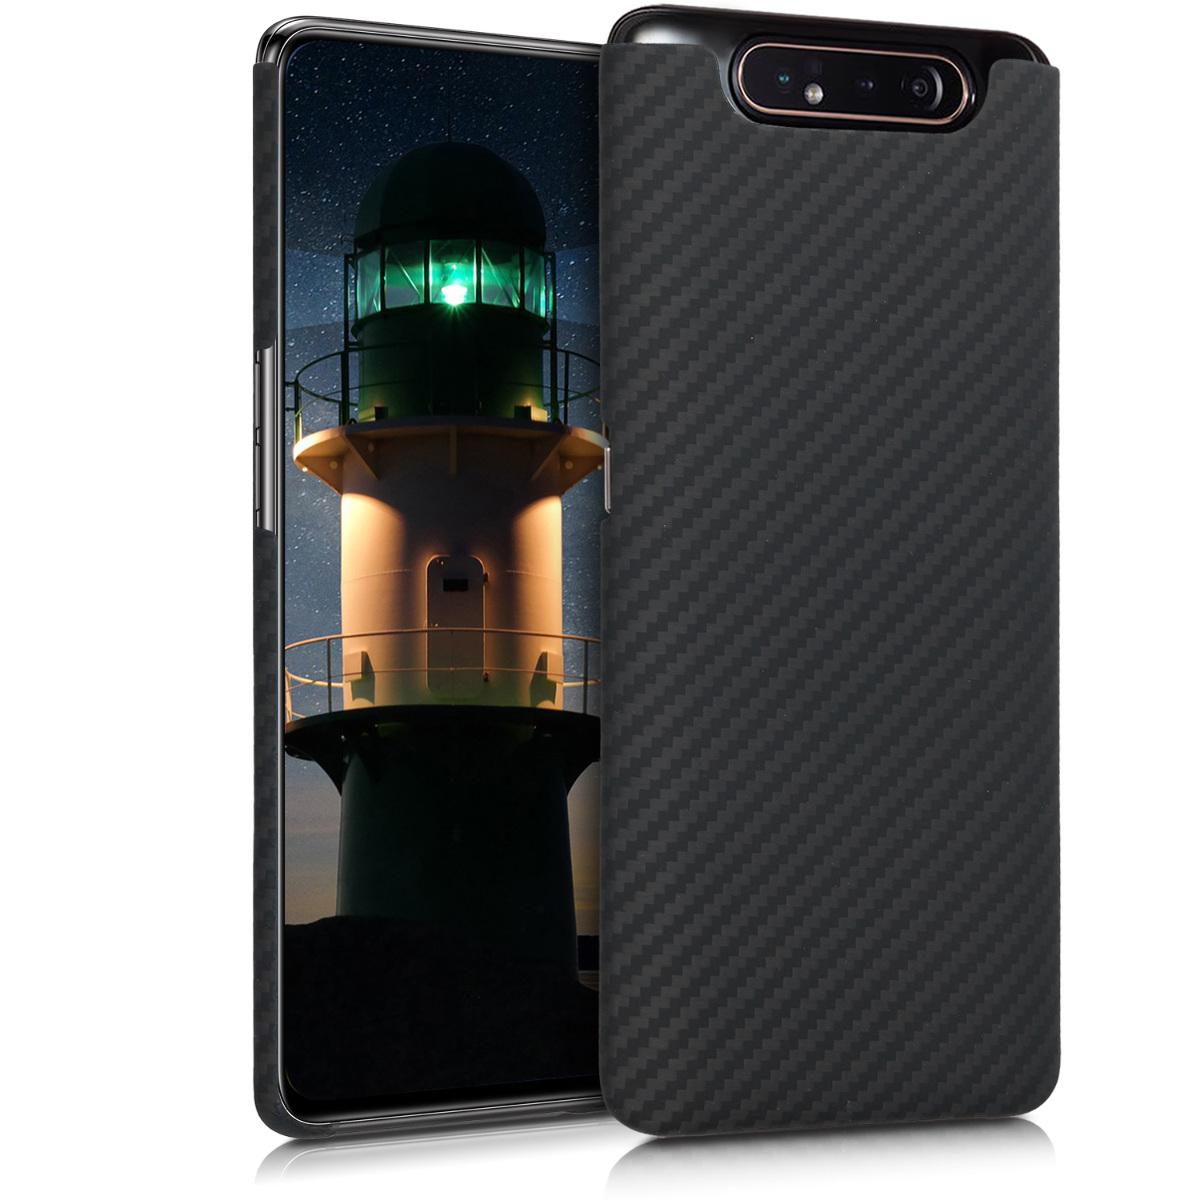 Aramidpouzdro pro Samsung A80 - černé matné